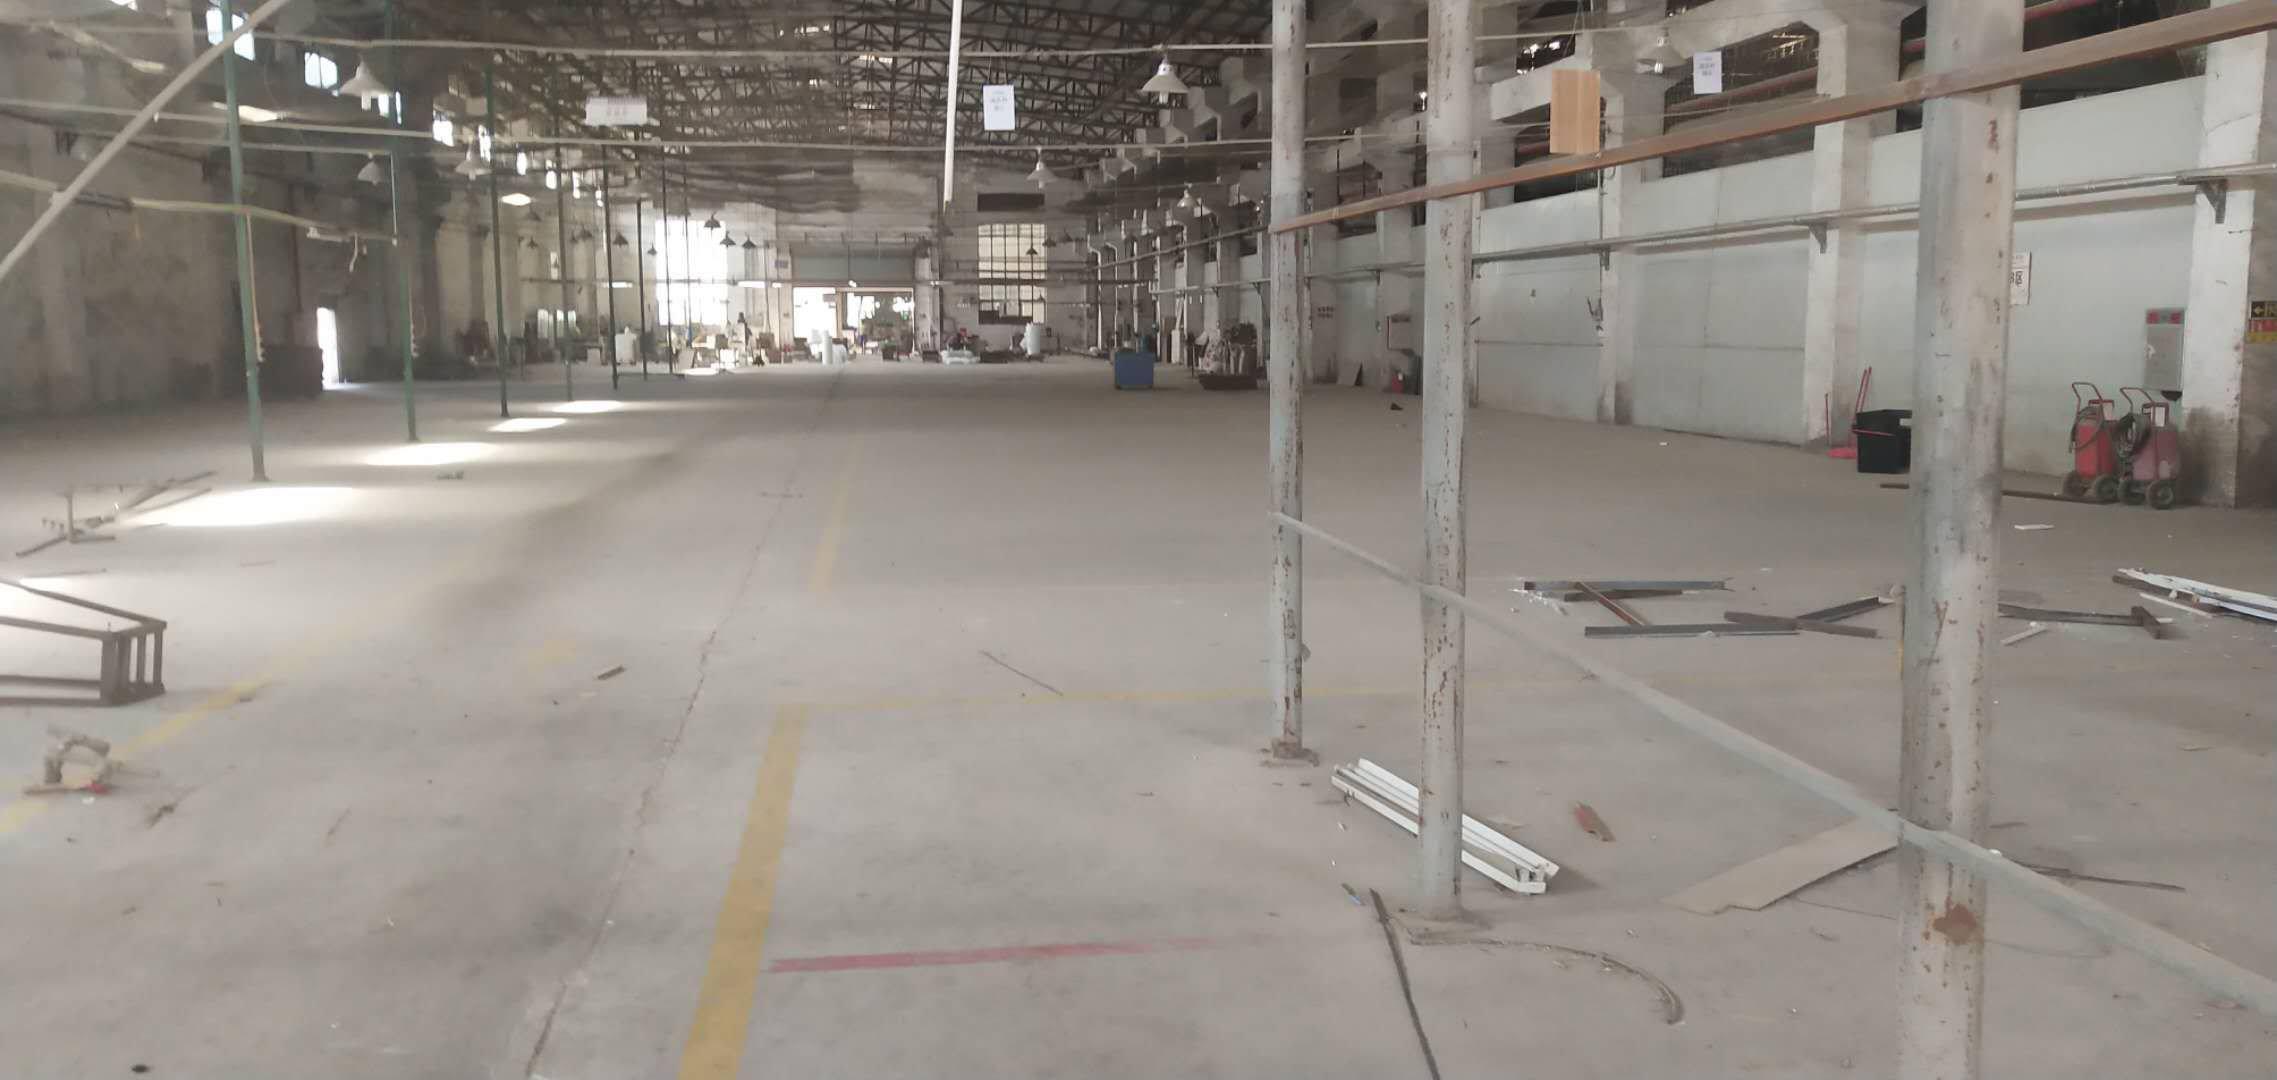 平湖新出一楼钢构厂房3000平米,适合做仓库物业流等